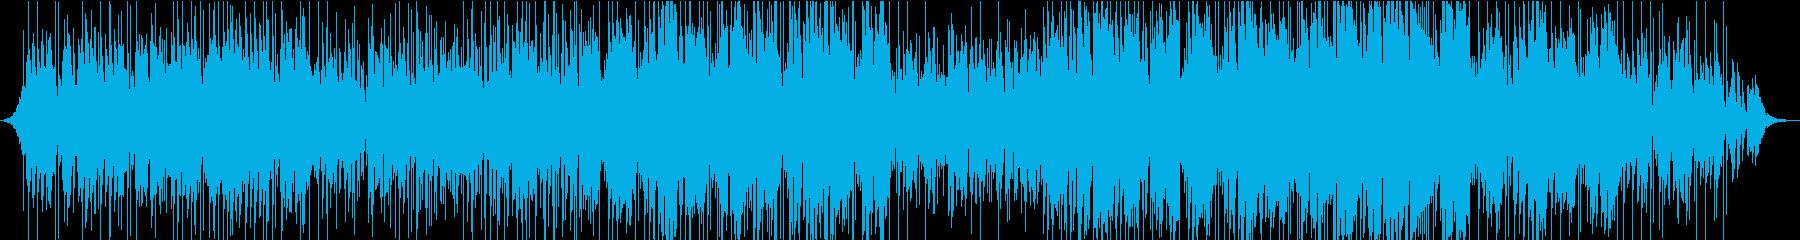 民謡 ほのぼの 幸せ さわやかな 鉄琴の再生済みの波形